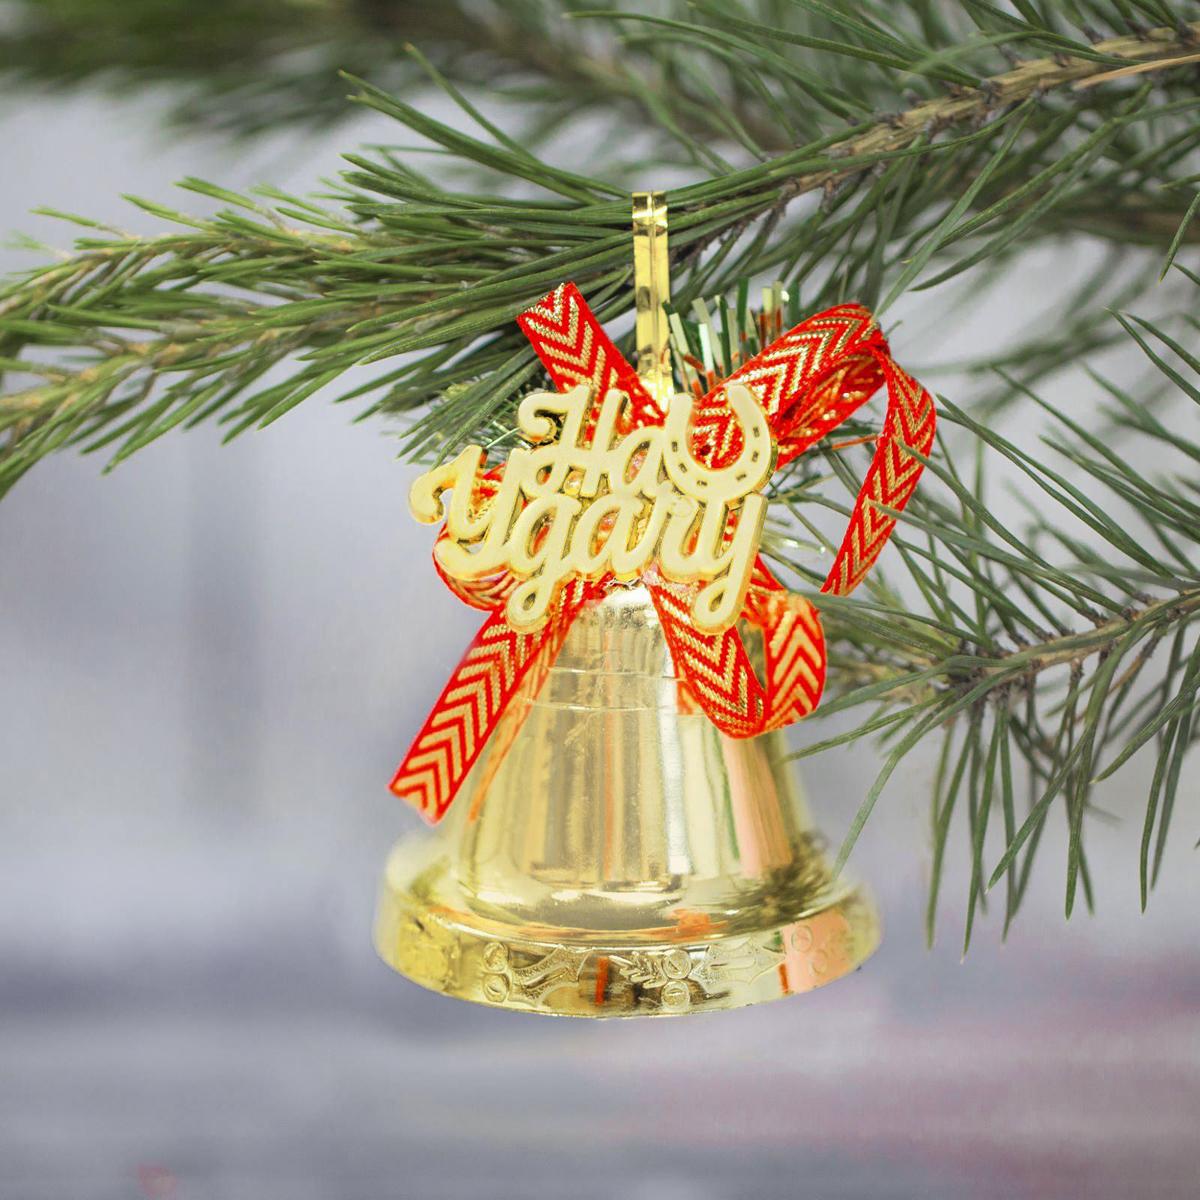 Украшение новогоднее подвесное Sima-land Колокольчик. На удачу, 5,5 см х 6 см2306746Новогодние украшения Sima-land изготовлены из пластика. Изделия имеют плотный корпус, поэтому не разобьются при падении.Невозможно представить нашу жизнь без праздников! Новогодние украшения несут в себе волшебство и красоту праздника. Создайте в своем доме атмосферу тепла, веселья и радости, украшая его всей семьей.